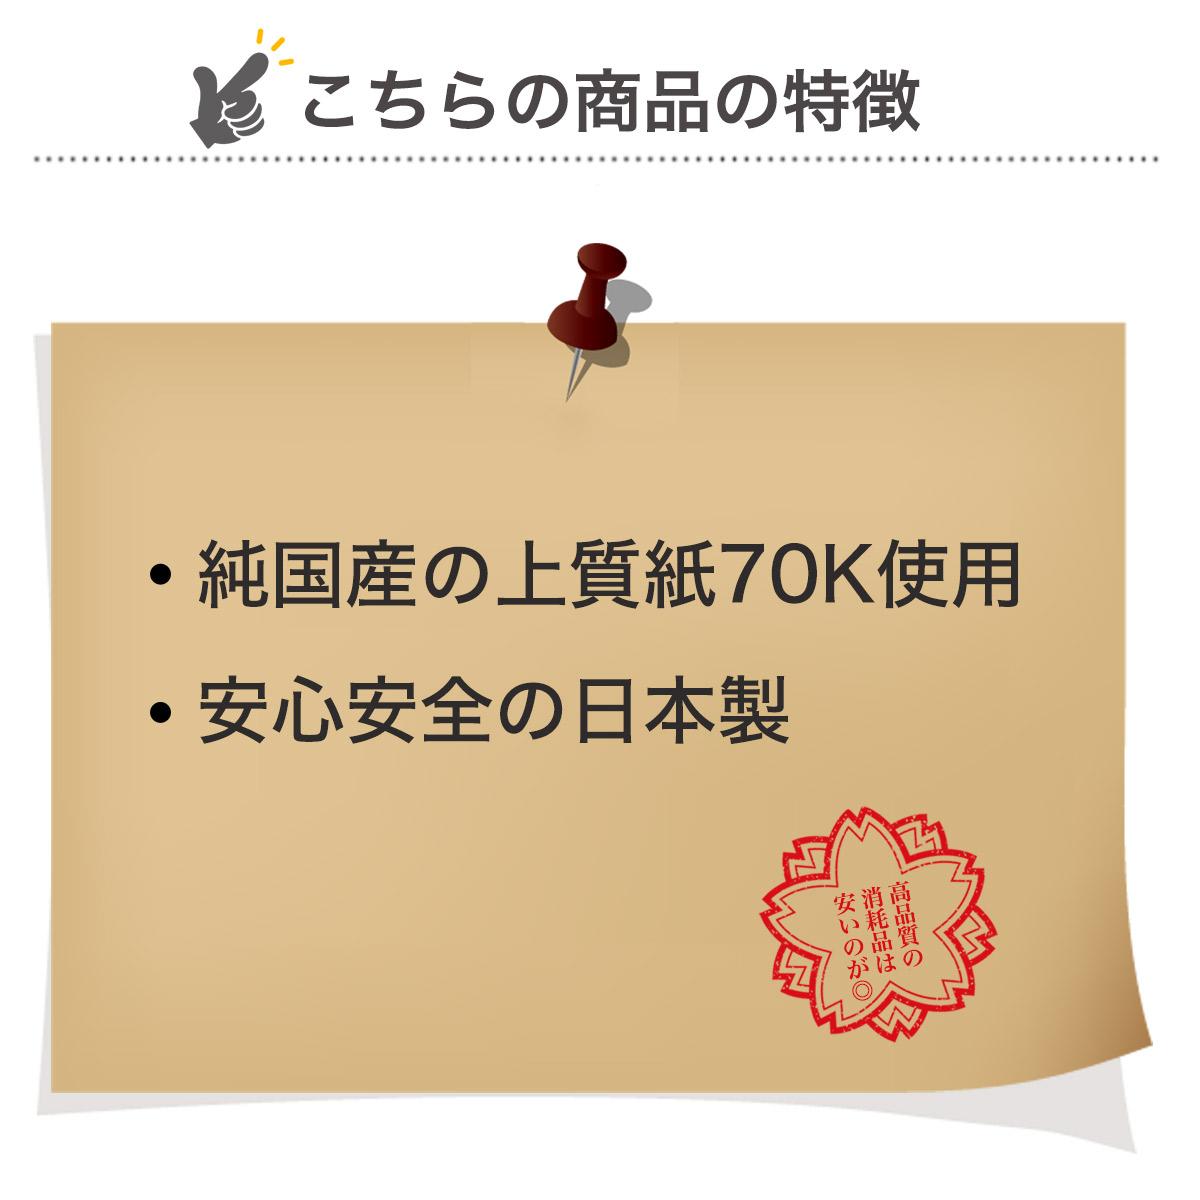 汎用請求明細書 1,000枚 品番:INO-2003